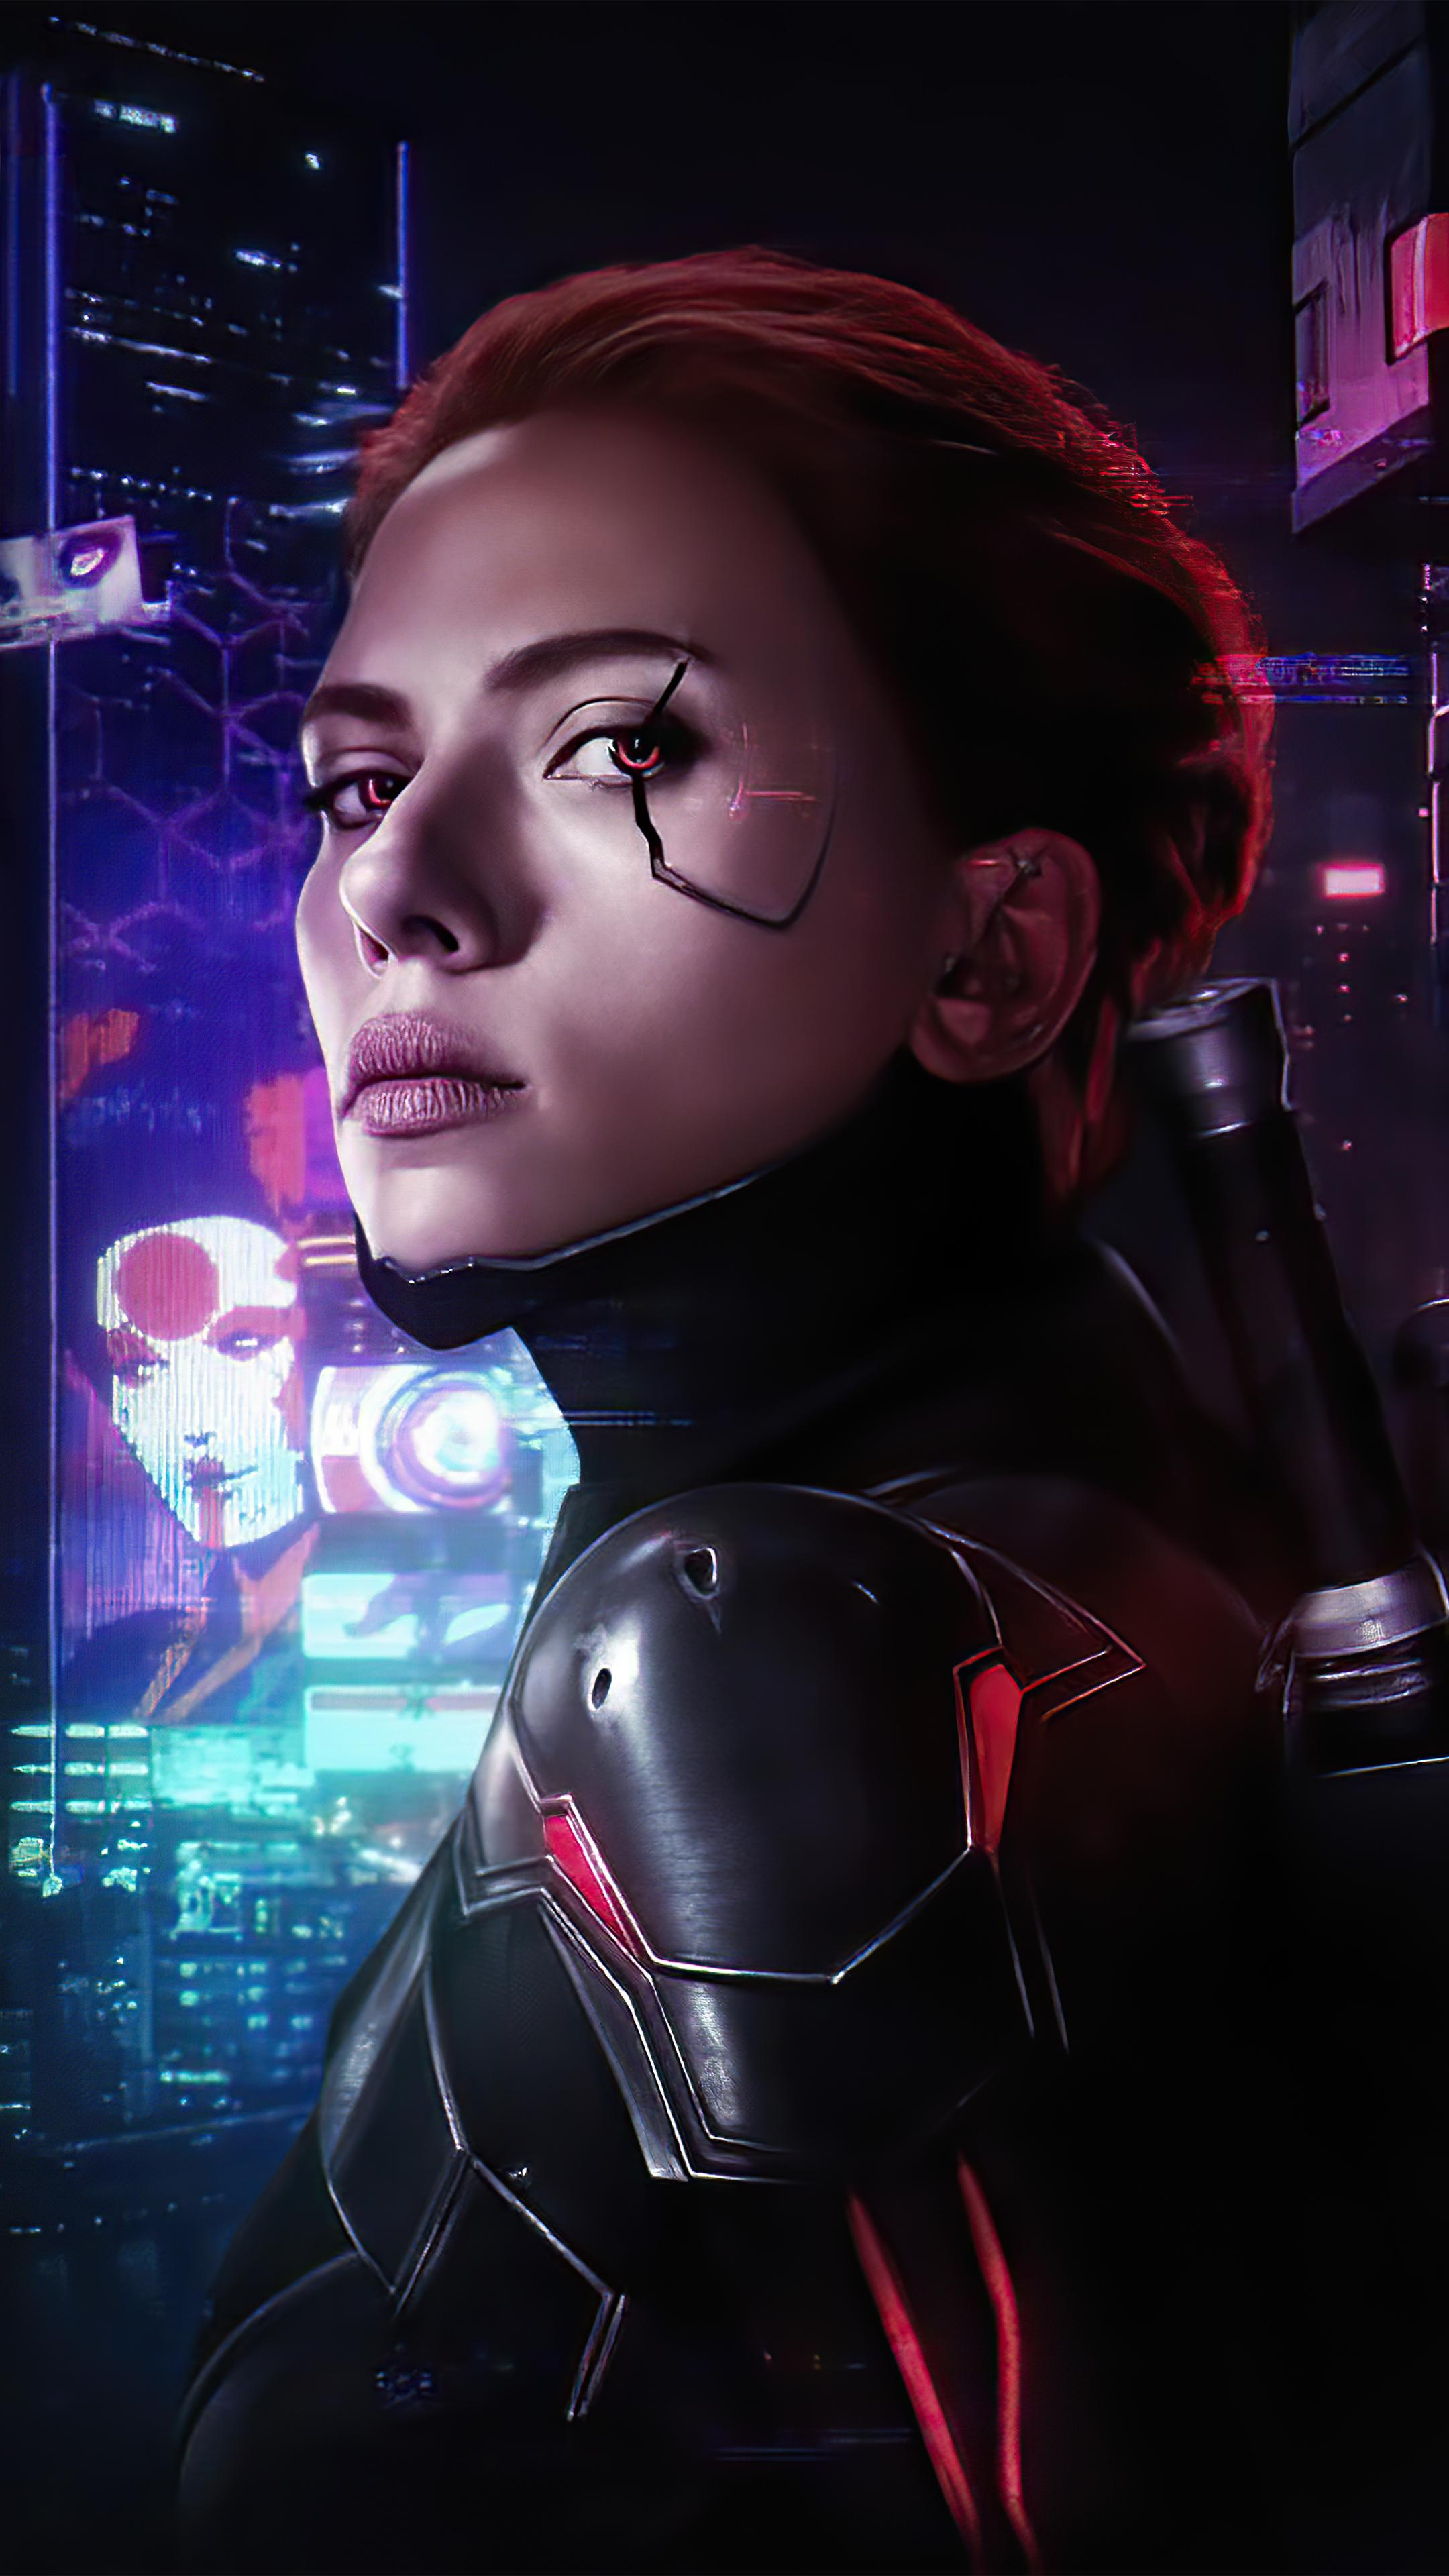 black-widow-cyborg-4k-hs.jpg